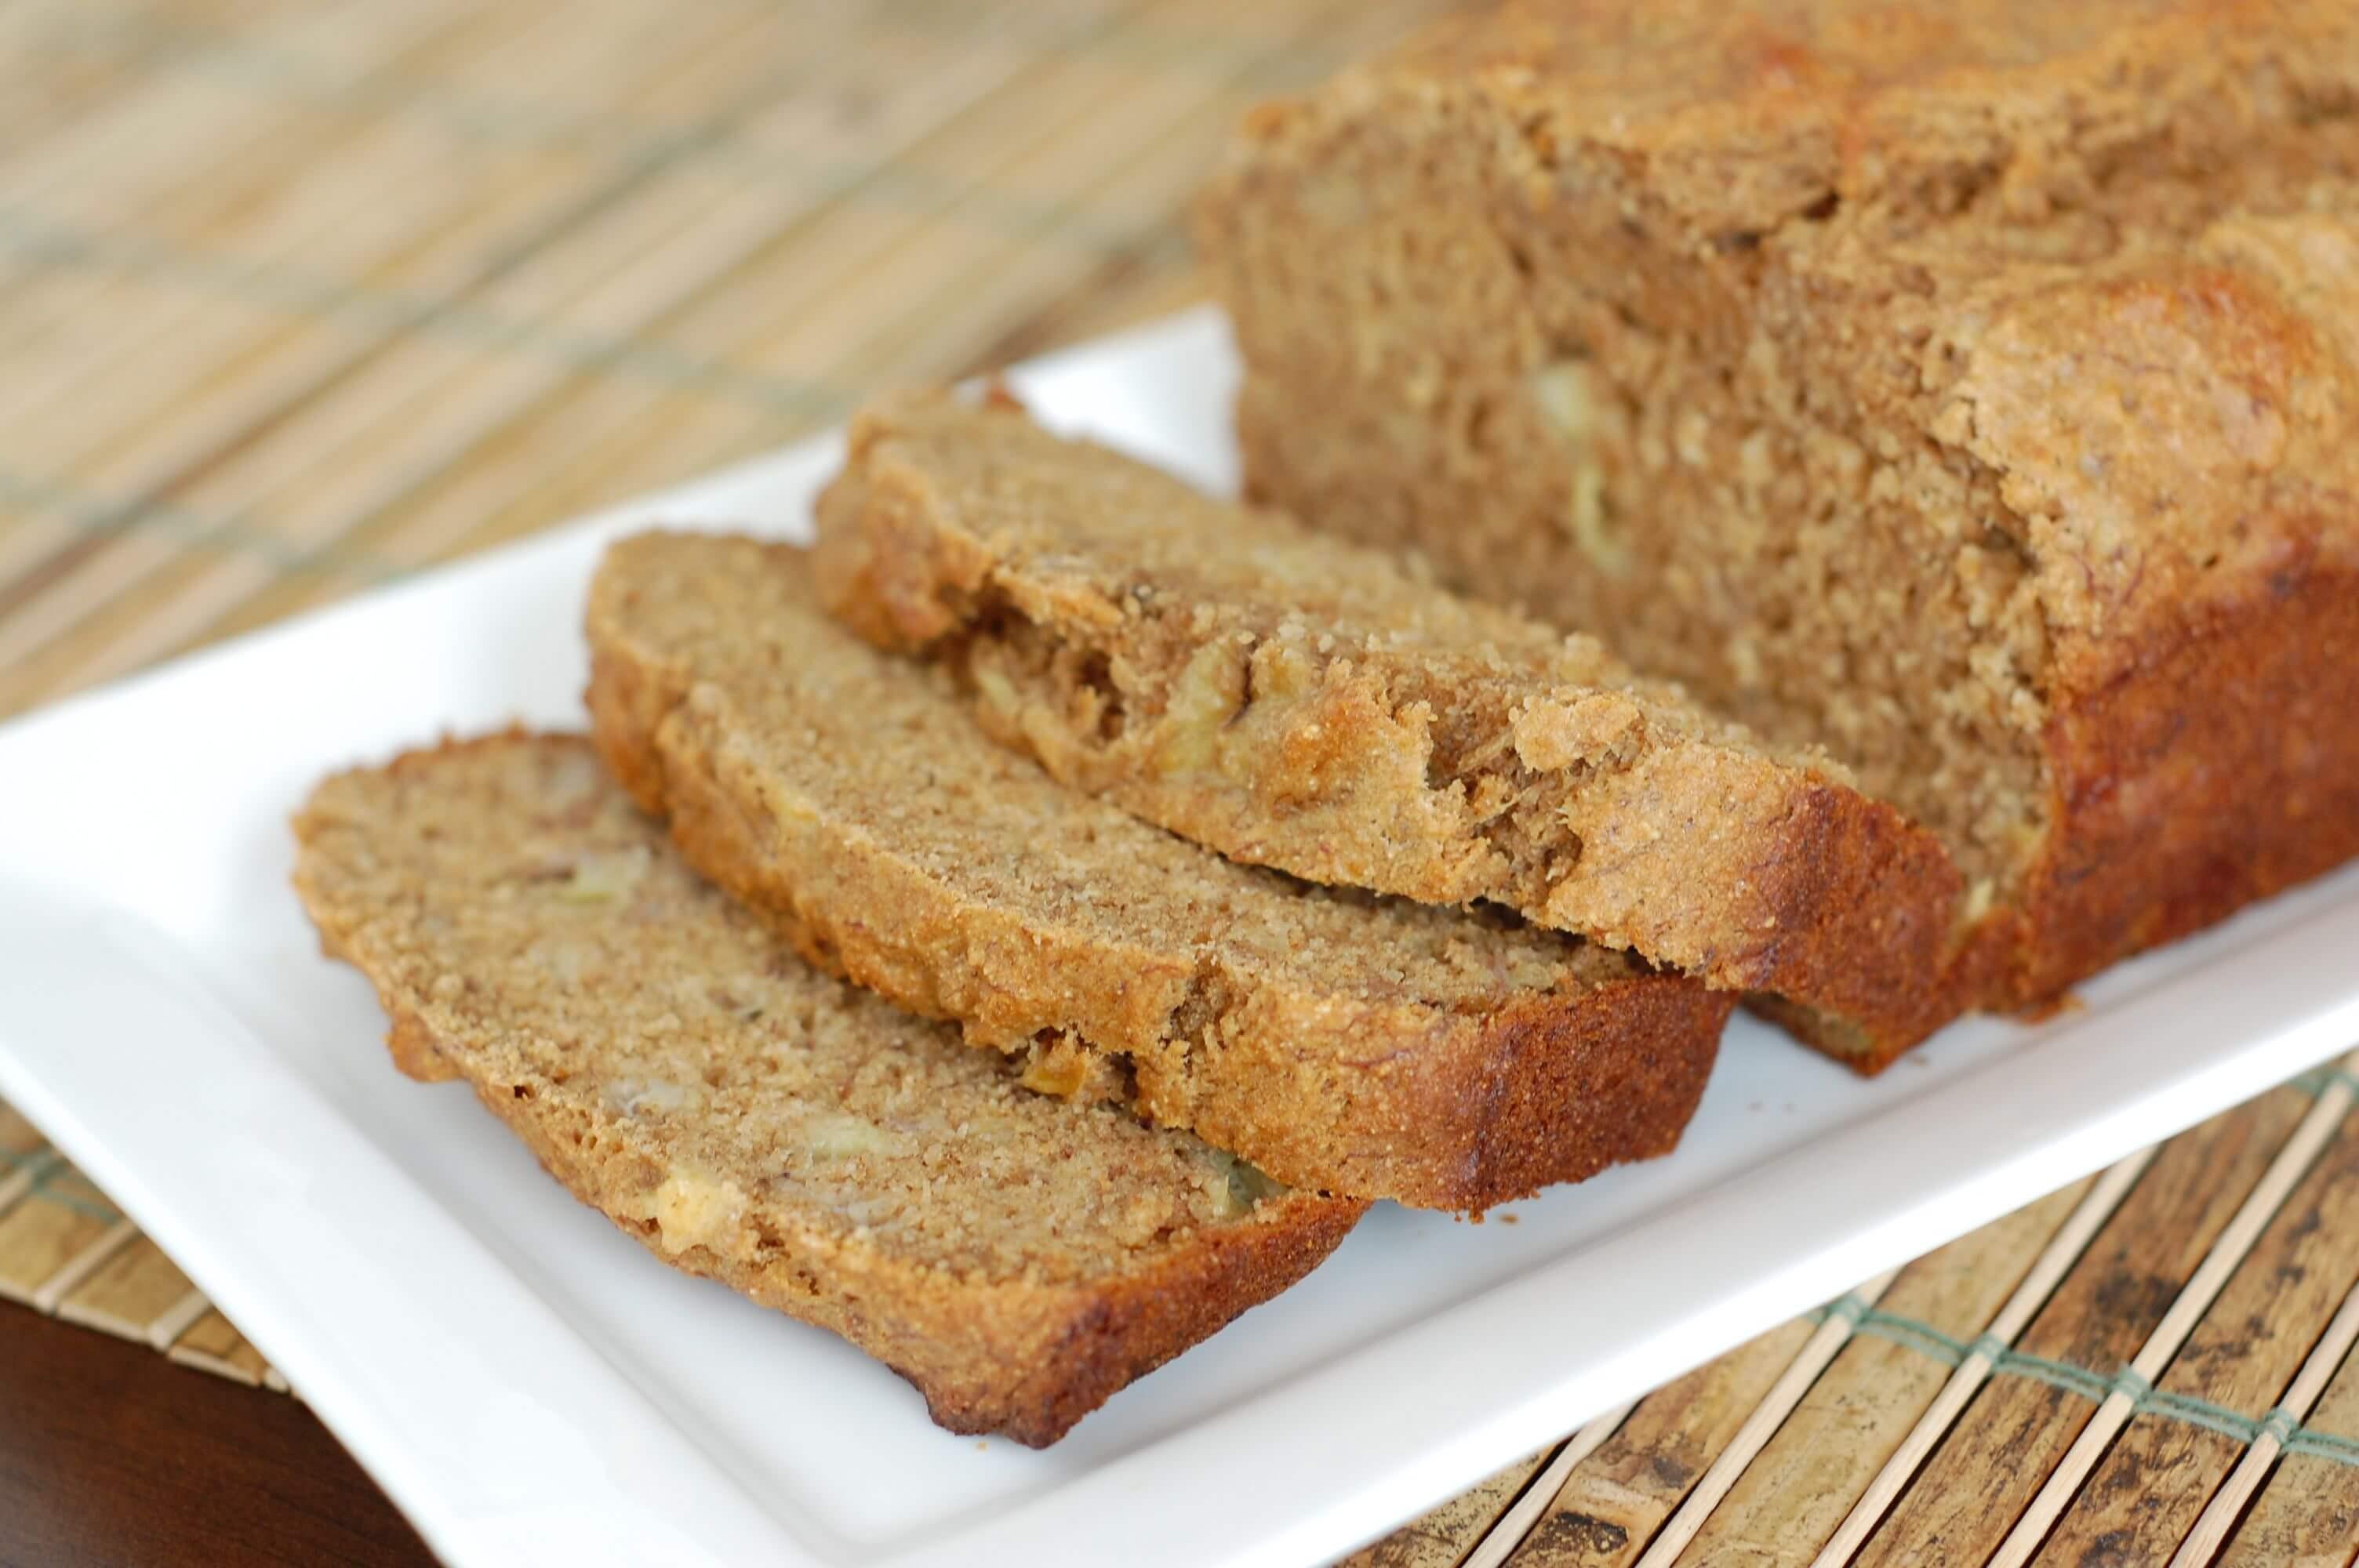 Healthy Whole Wheat Banana Bread  Recipe Whole Wheat Banana Bread 100 Days of Real Food